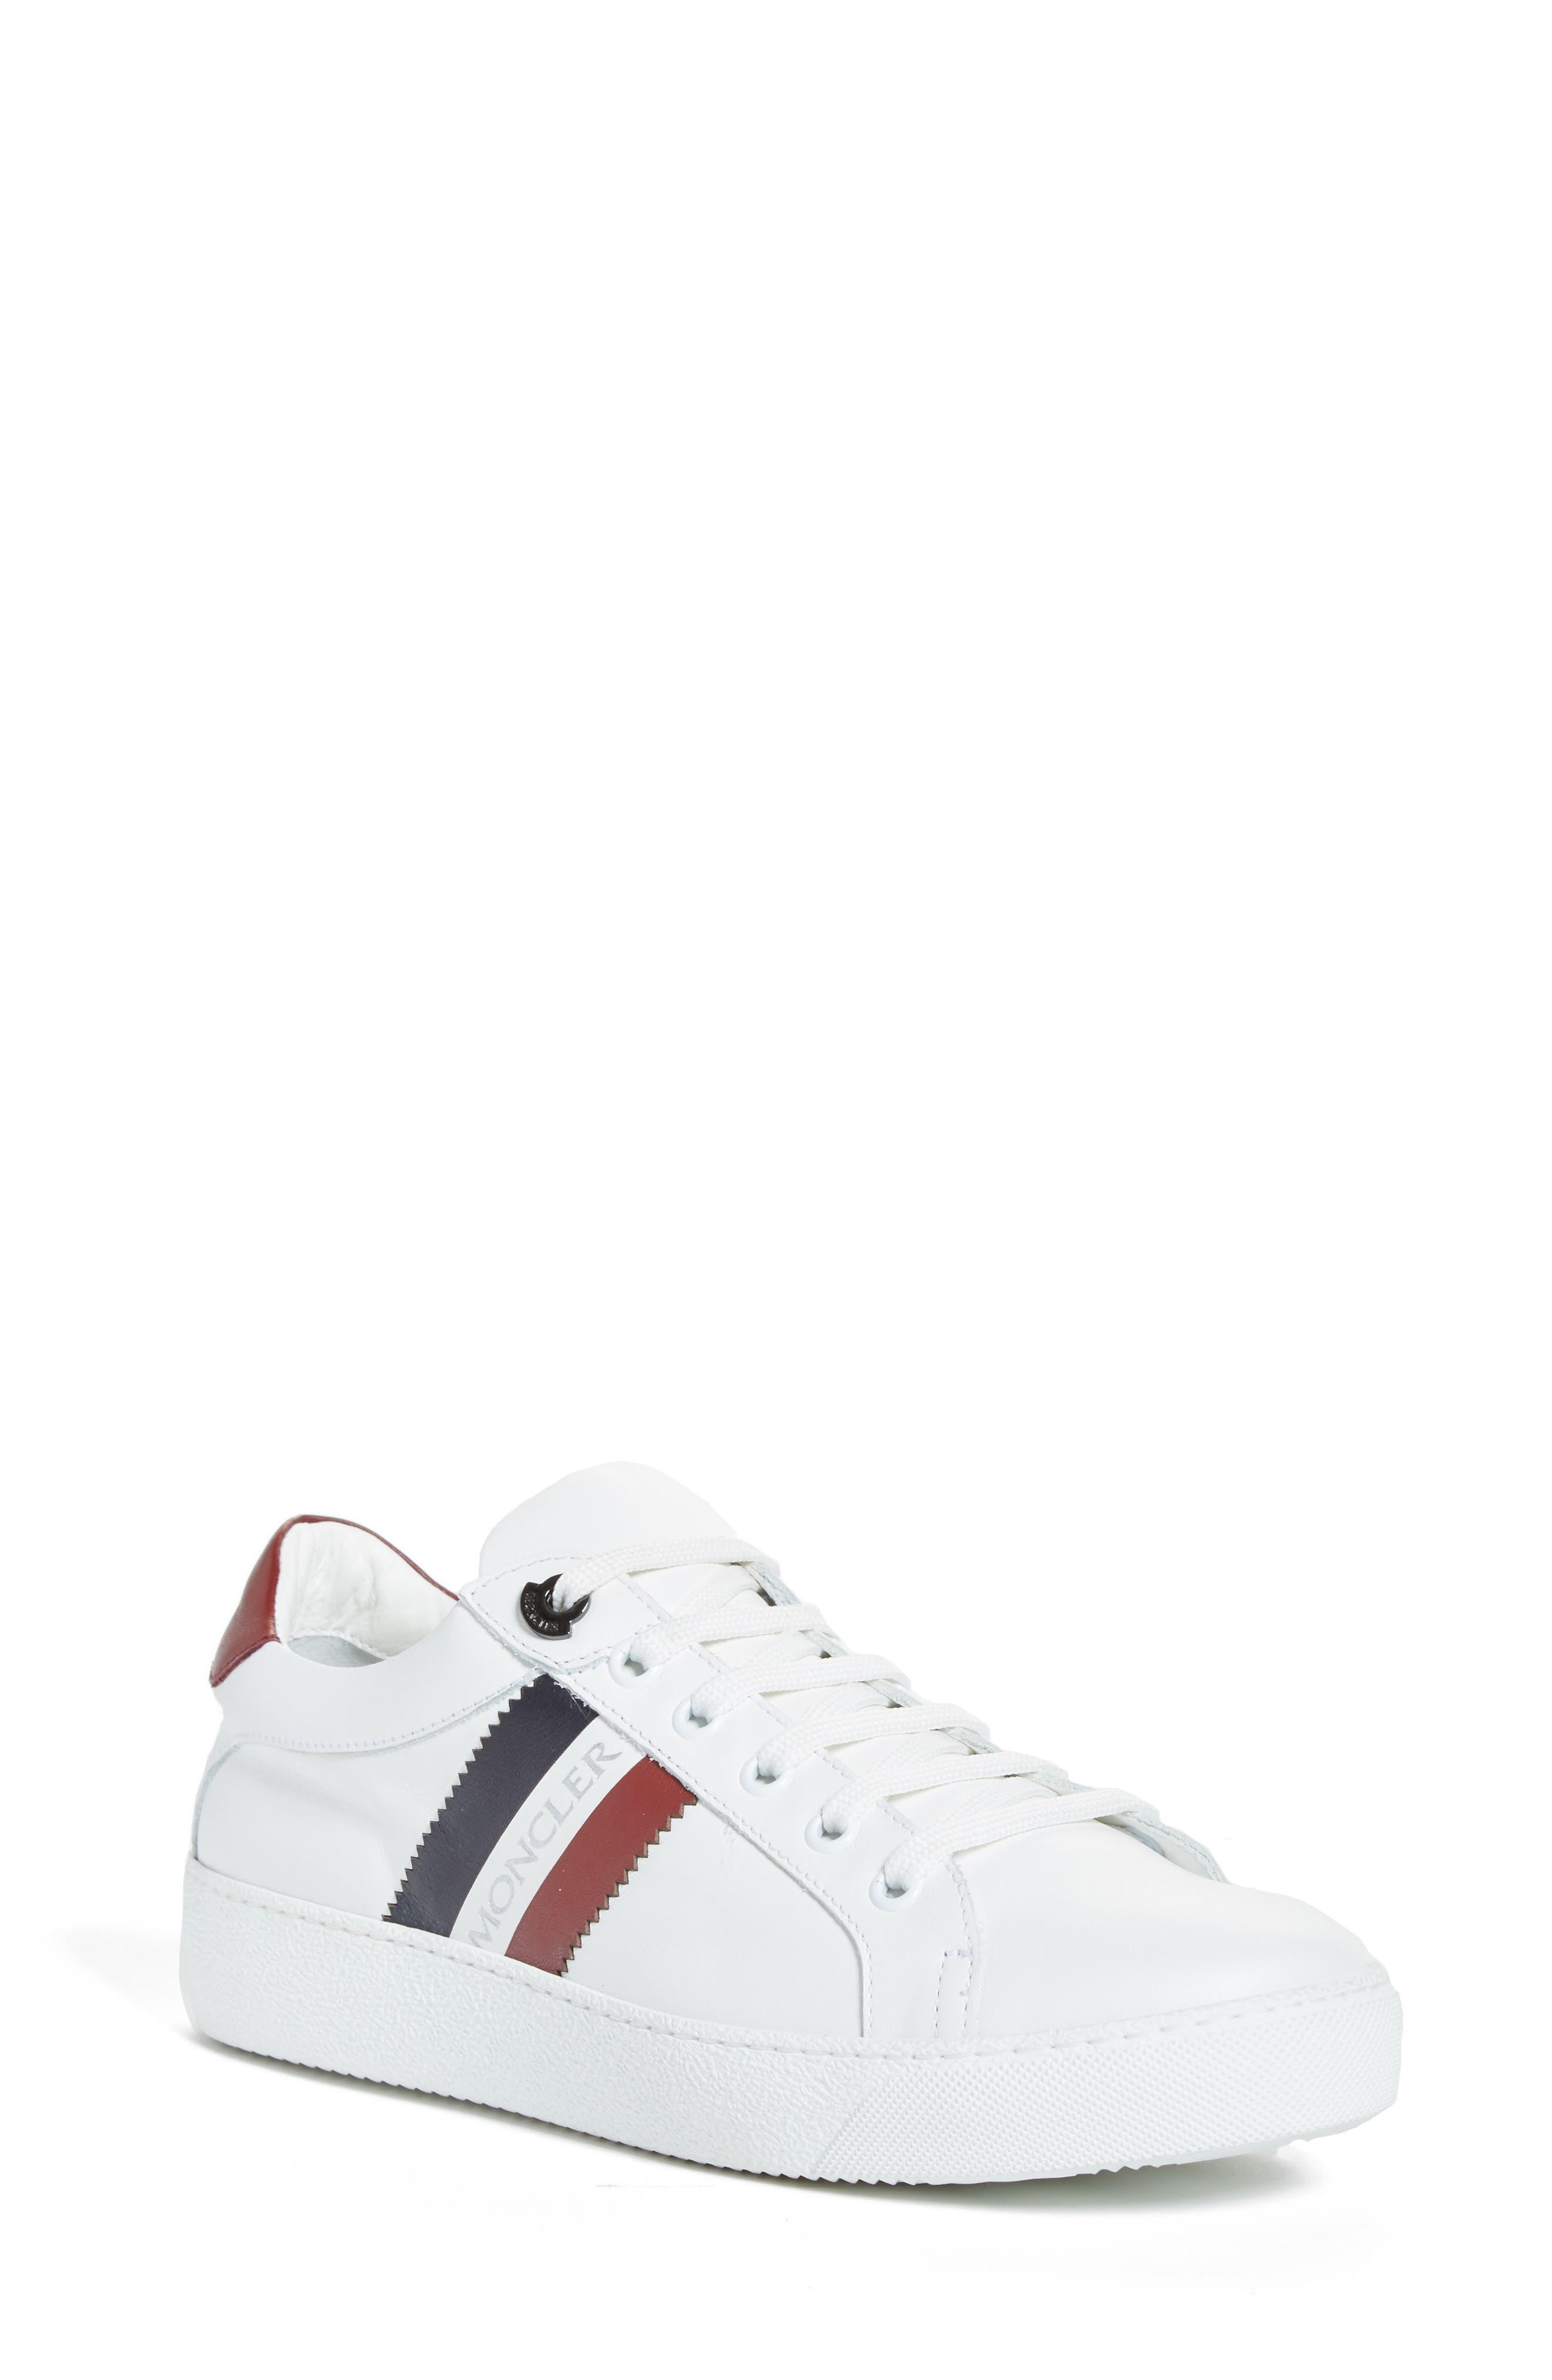 Moncler Leni Scarpa Platform Sneaker (Women)